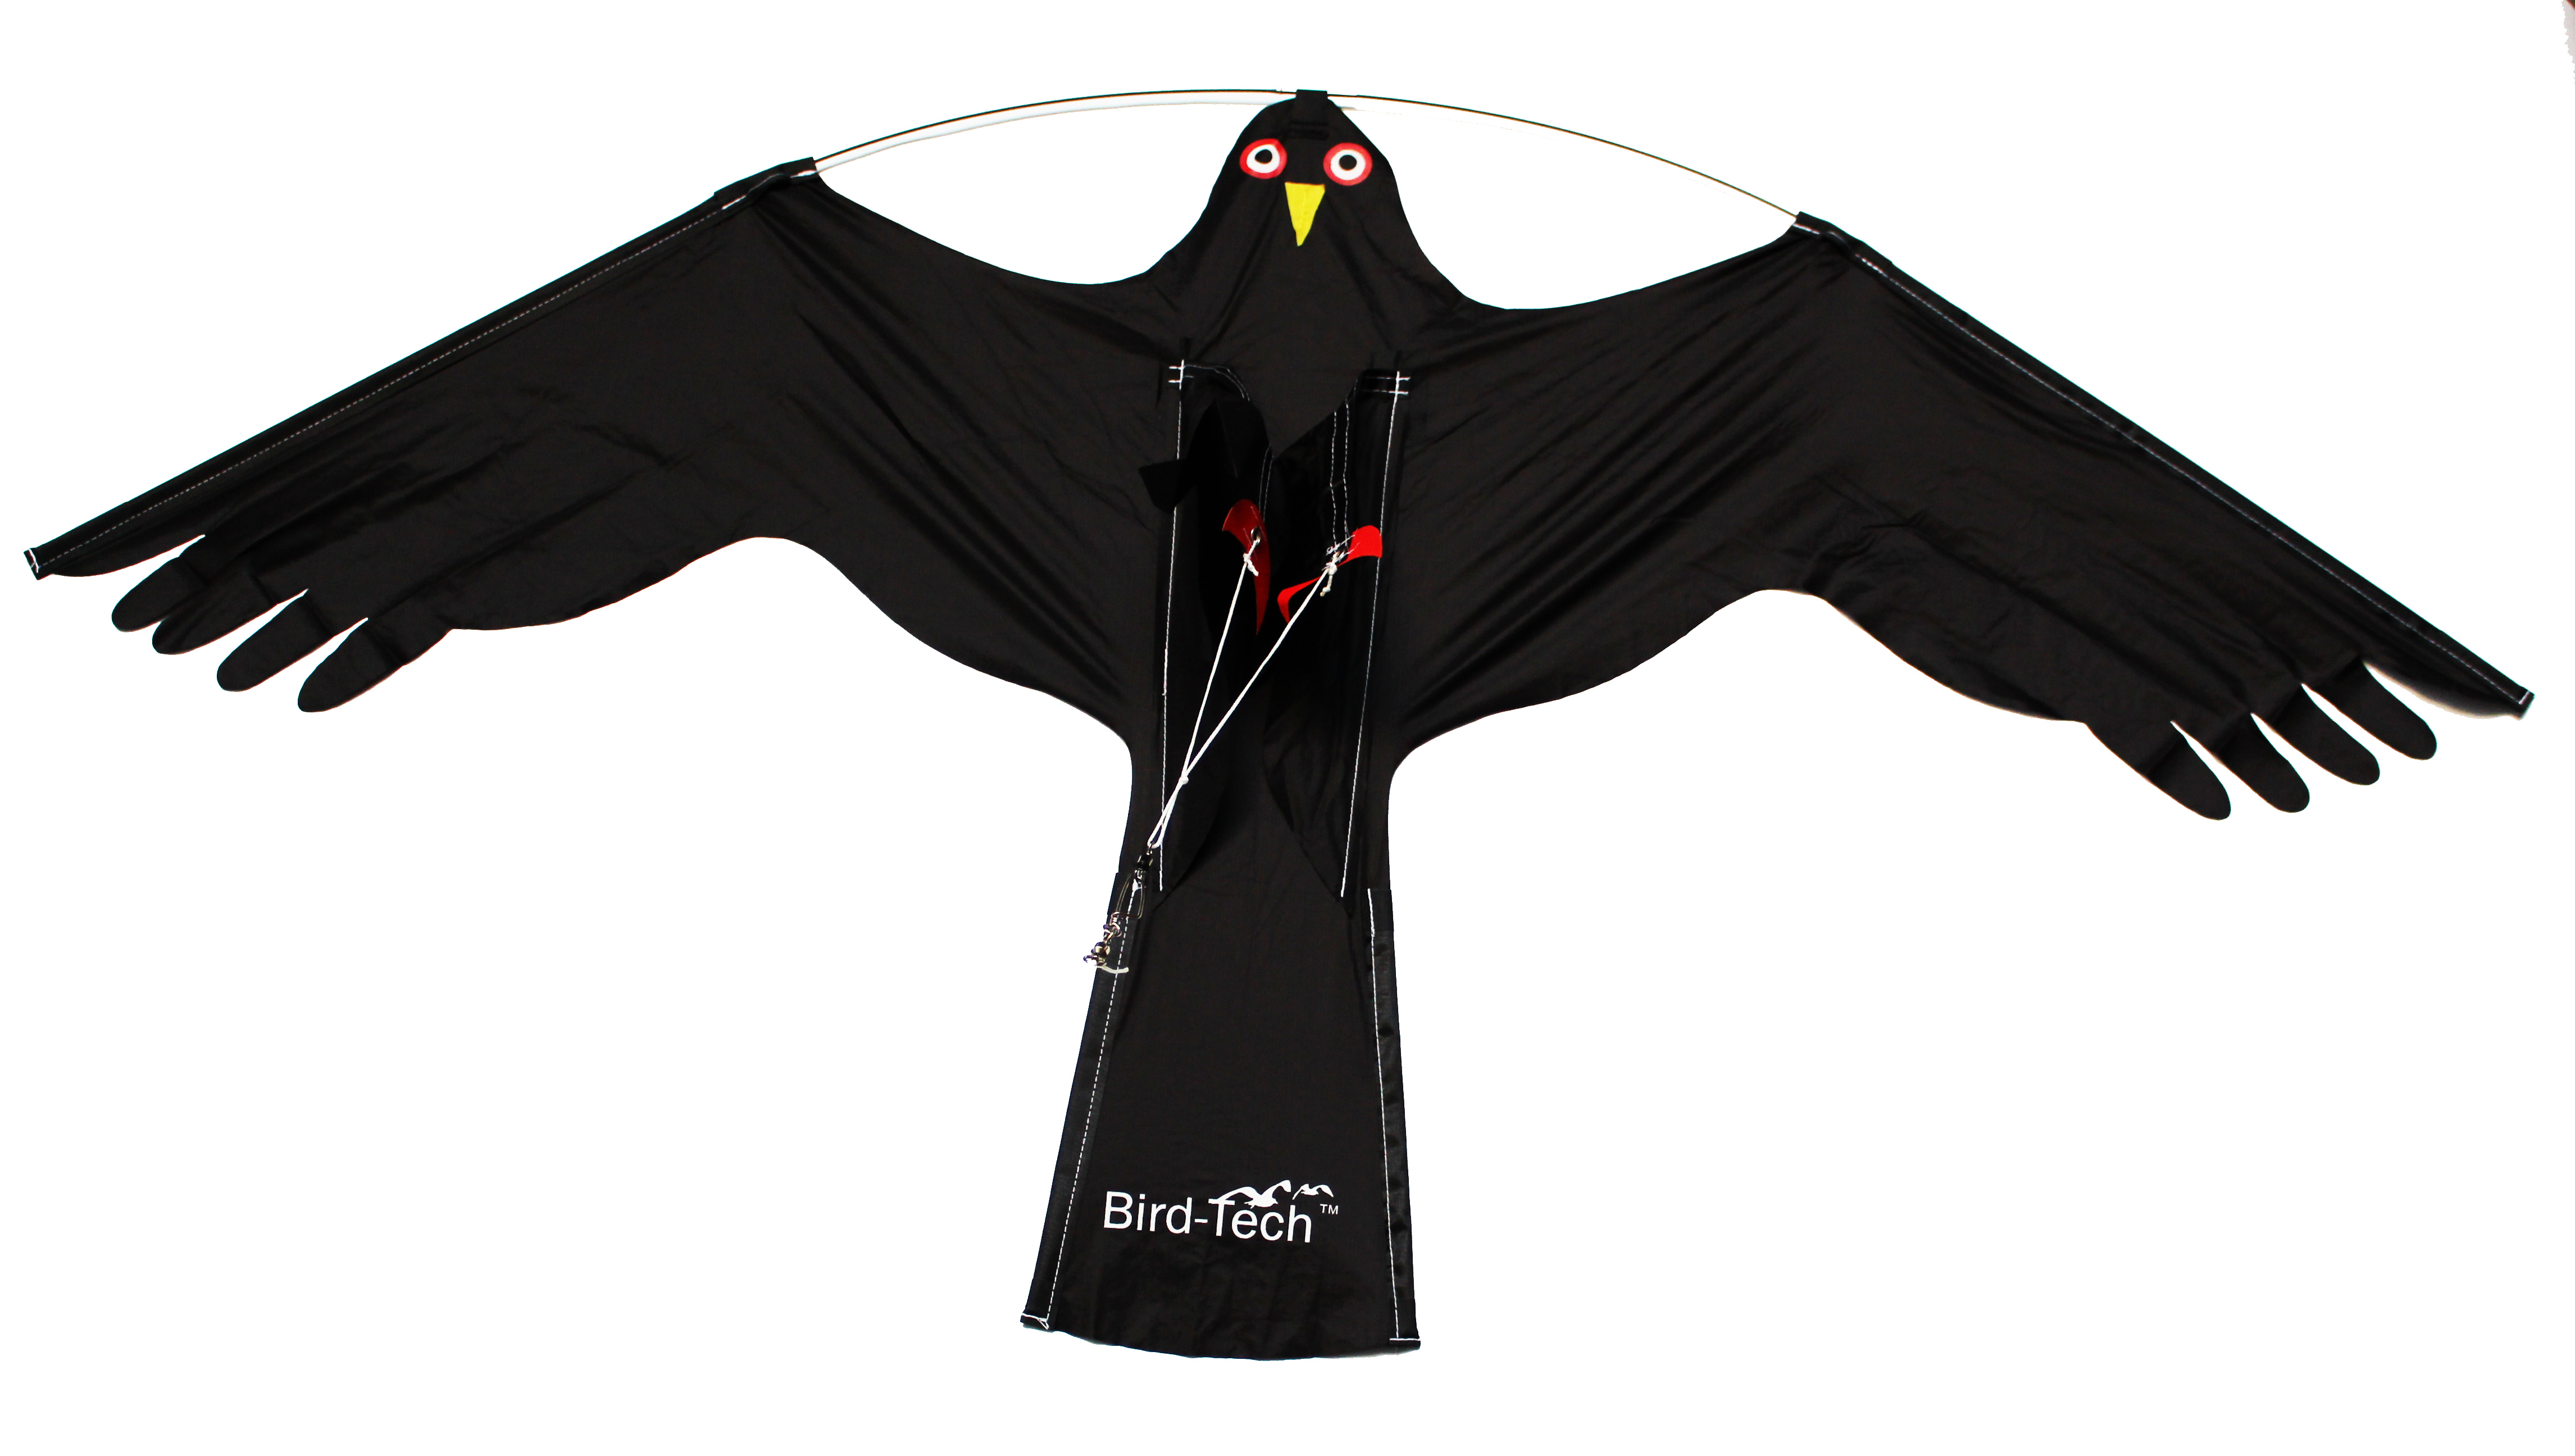 BirdRaider